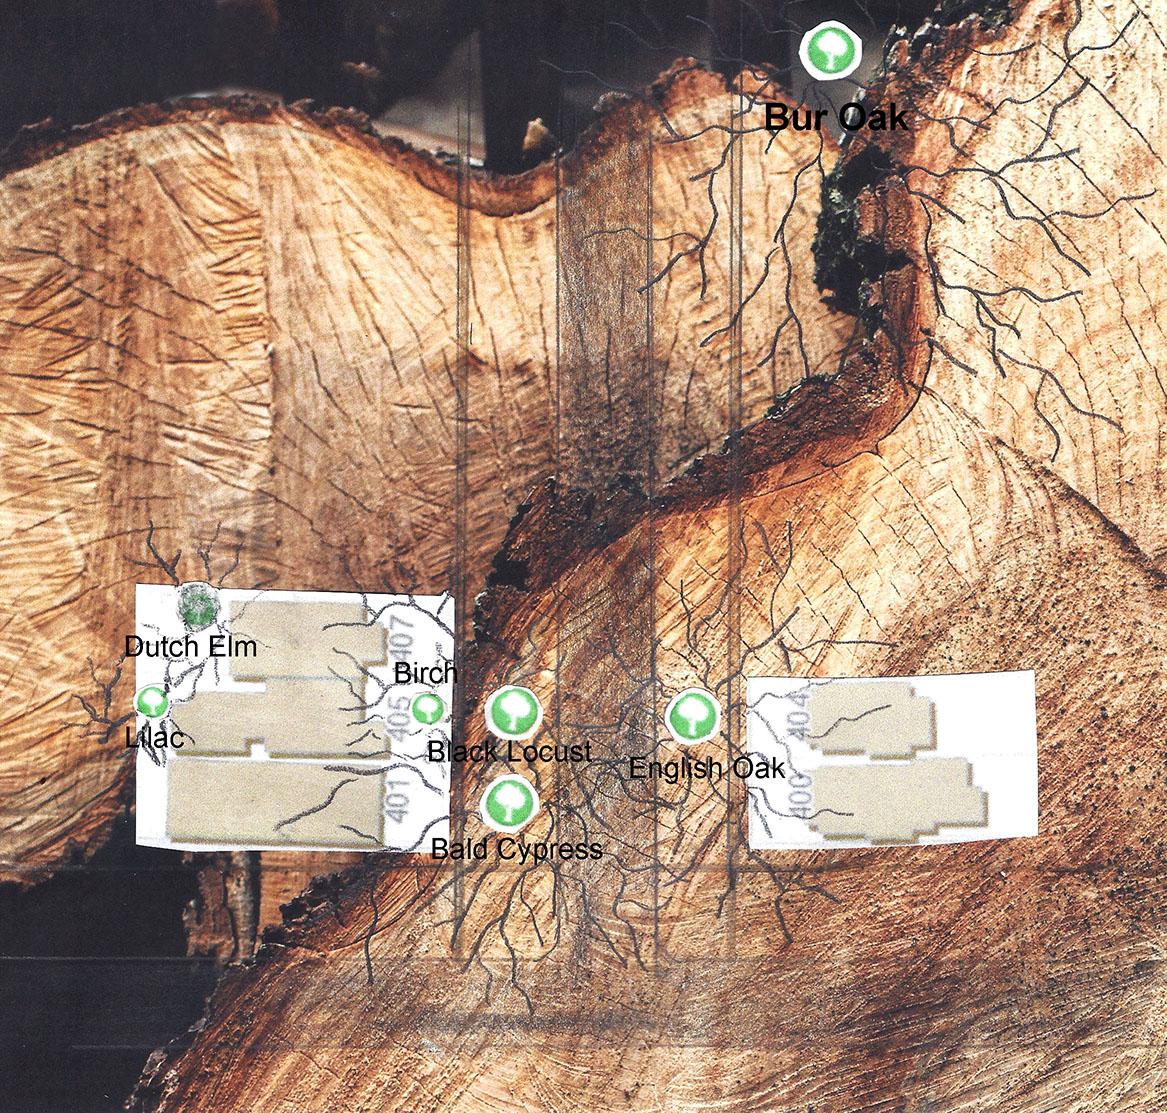 Tree map of one neighborhood in Oak Park, Illinois   DJ Lee witness wilderness